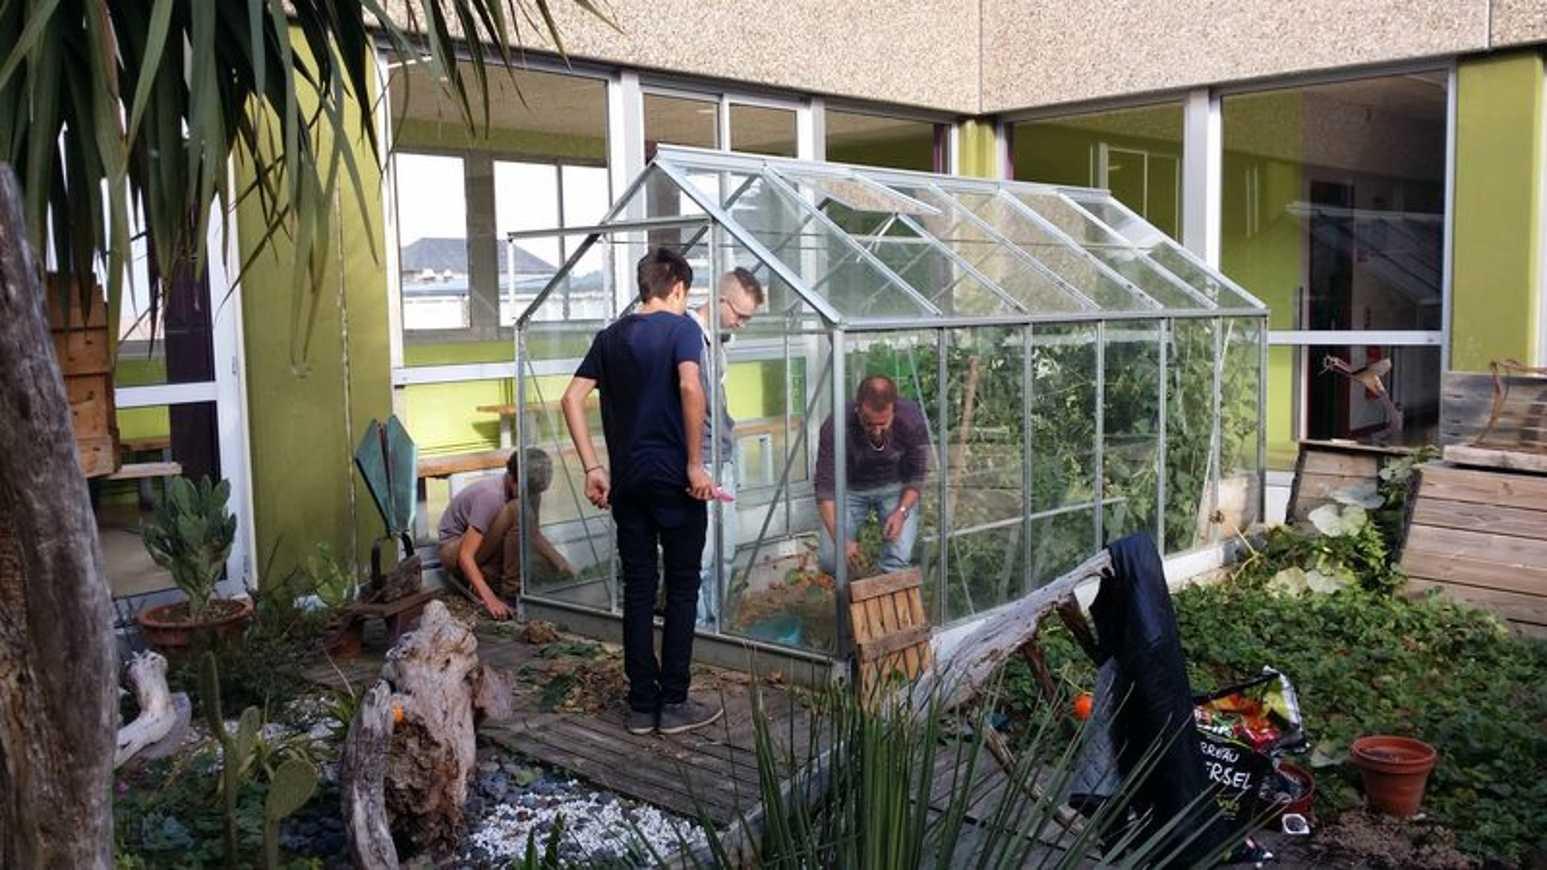 Nettoyage du patio et plantations d''automne 2014-10-0716.46.09